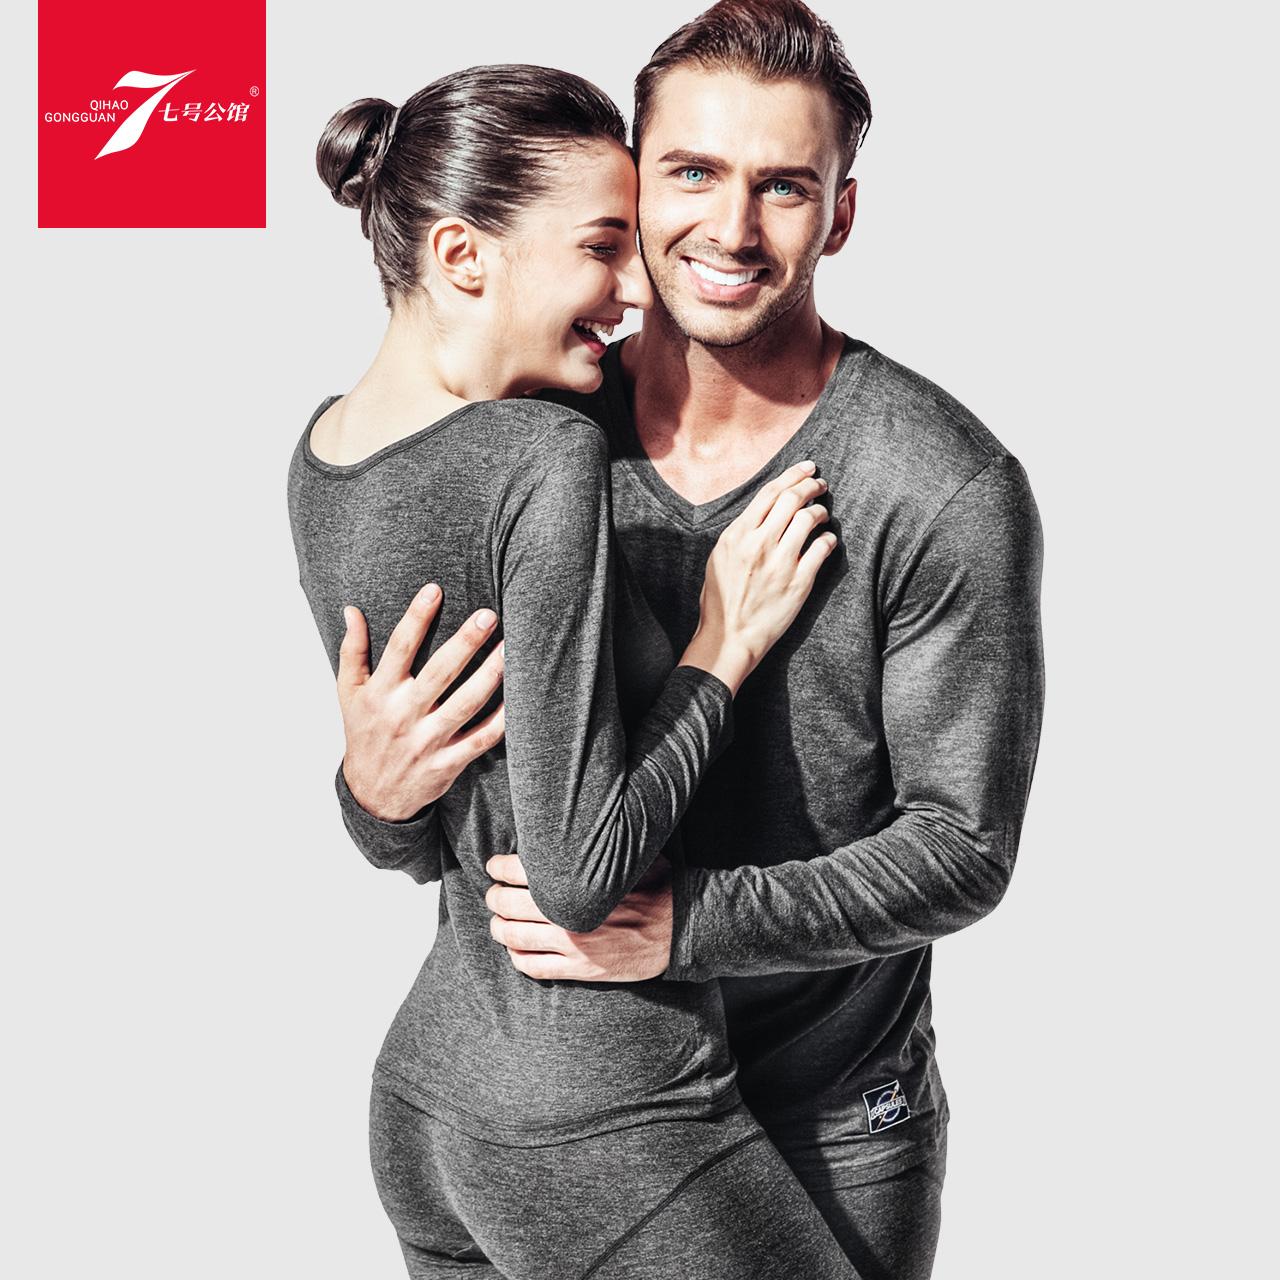 保暖御寒时尚新款保暖内衣男女款大全